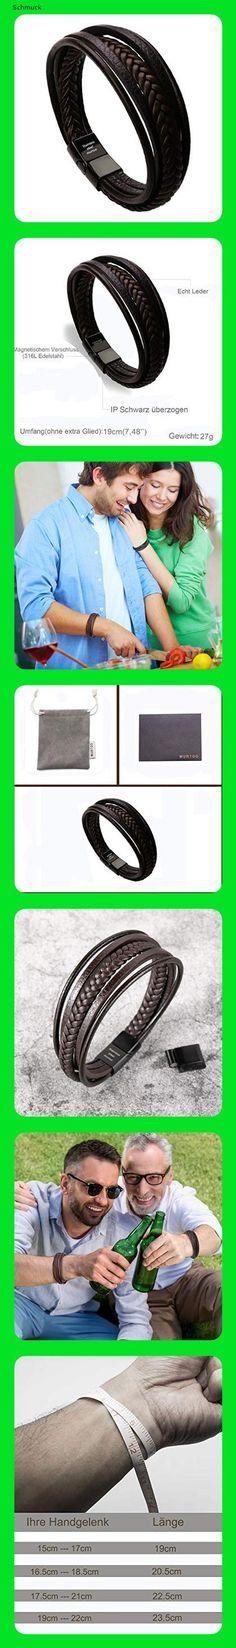 murtoo Herren Armband Edelstahl Echtleder Armband Geflochten Mit Magnet Verschluss (19.00, Leder braun ohne extra Glied) - 14ec